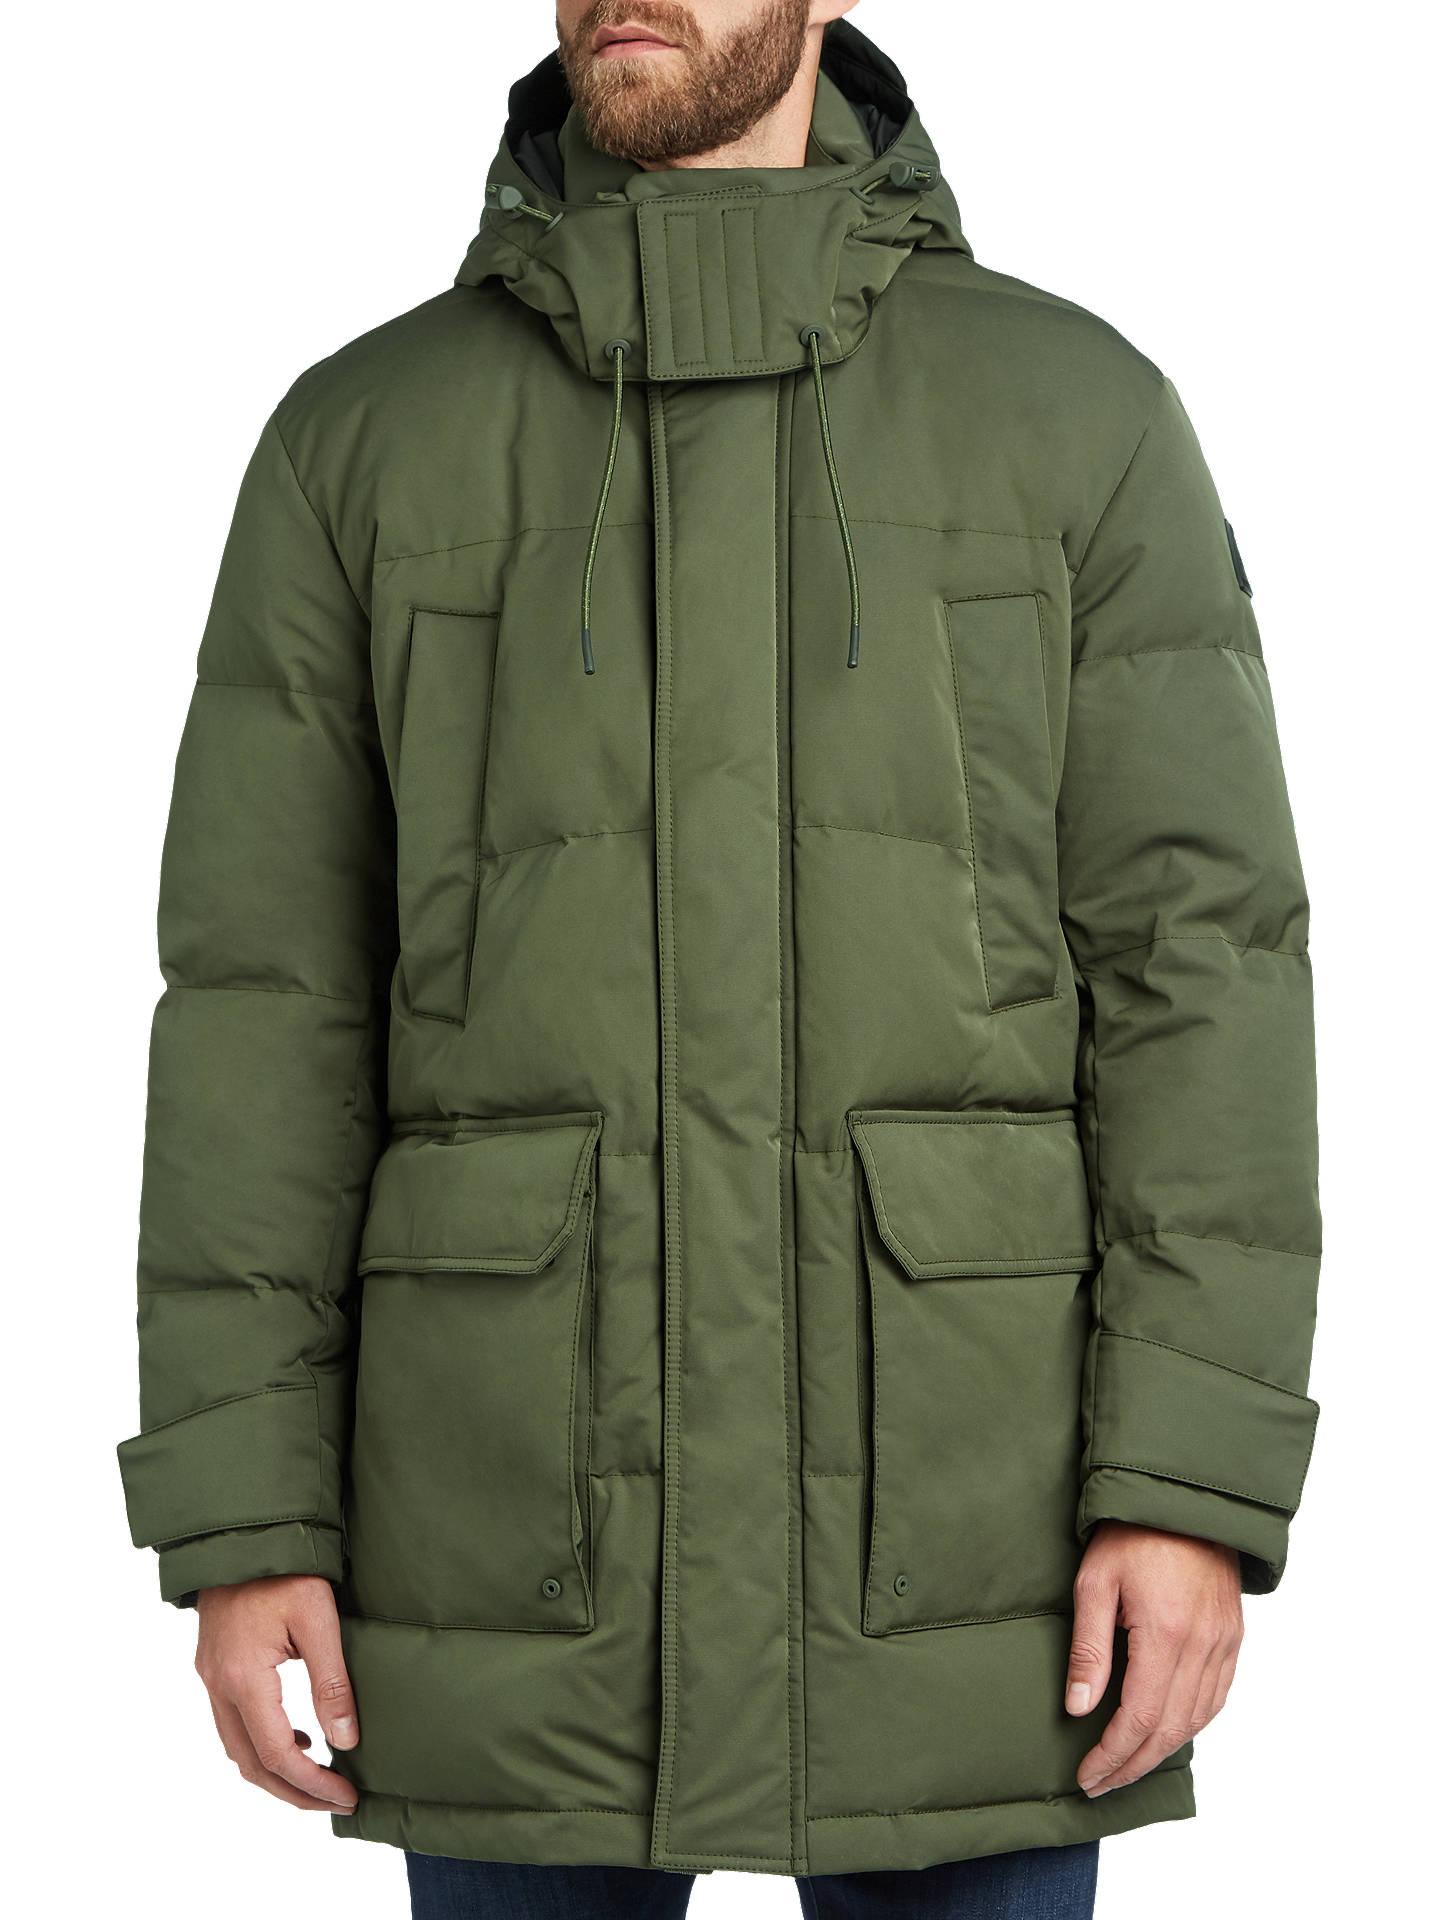 38b4a07af8c Buy BOSS Onek Jacket, Dark Green, 38R Online at johnlewis.com ...